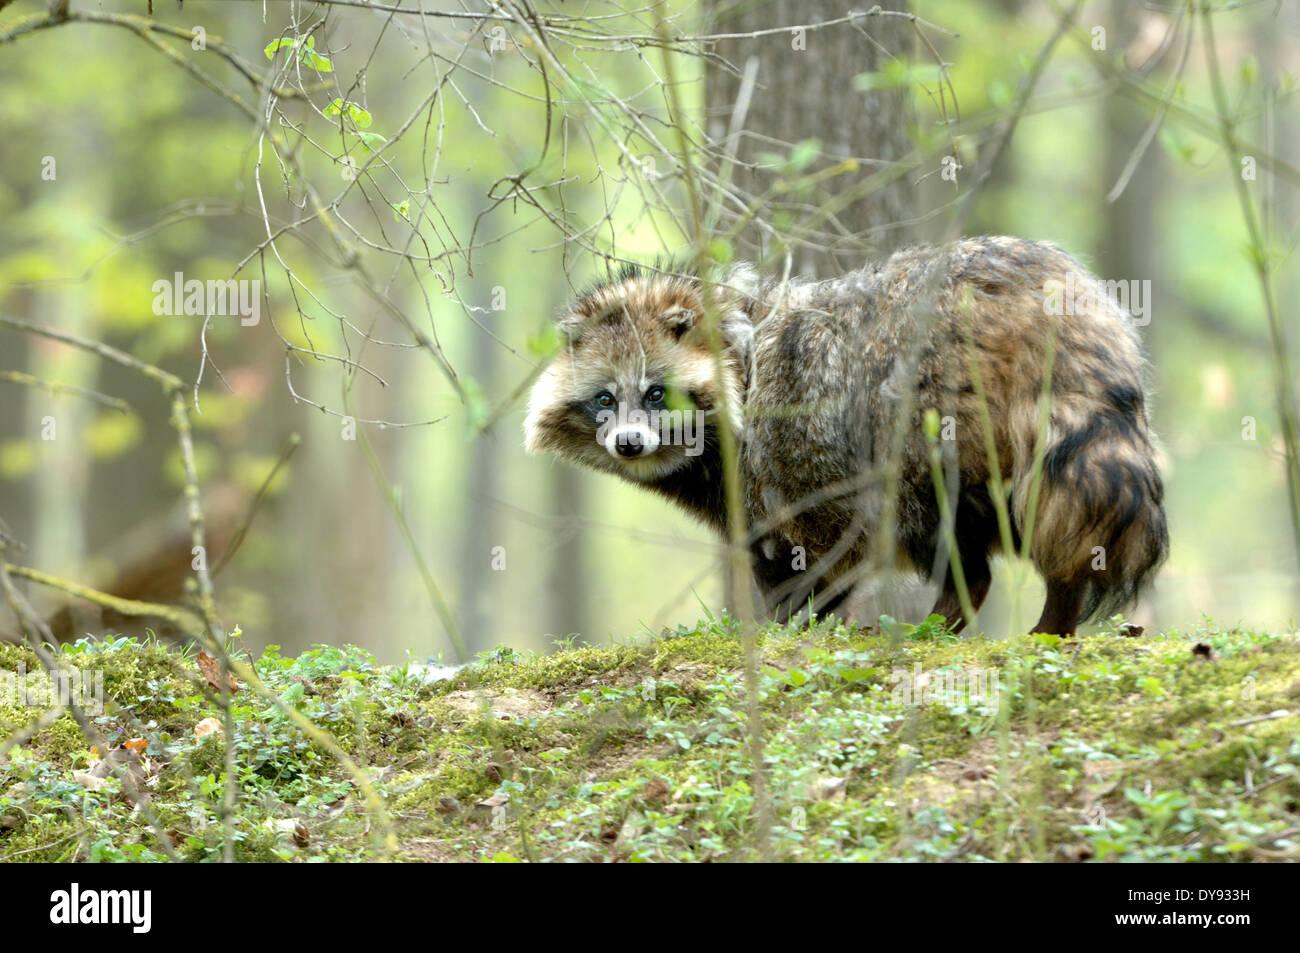 Le chien viverrin Nyctereutes procyonoides prédateurs canidés Enok immigré printemps animaux sauvages des animaux à fourrure fourrure envahissantes s'enfuir vivre Photo Stock